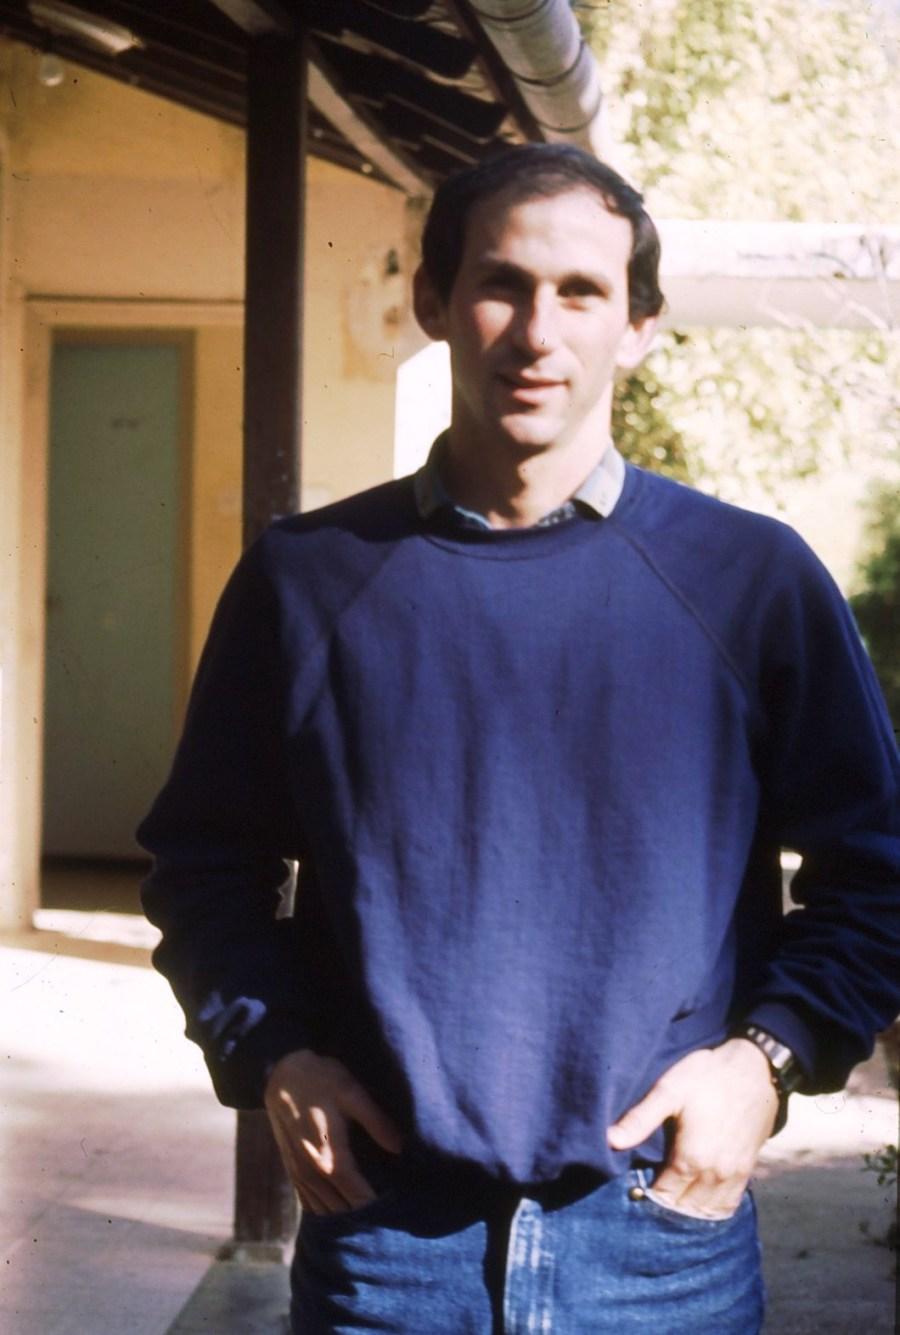 שקופית 59- 174 -ג'ש 1992-3-צוות המוסד החינוכי-זאב קוליקובסקי